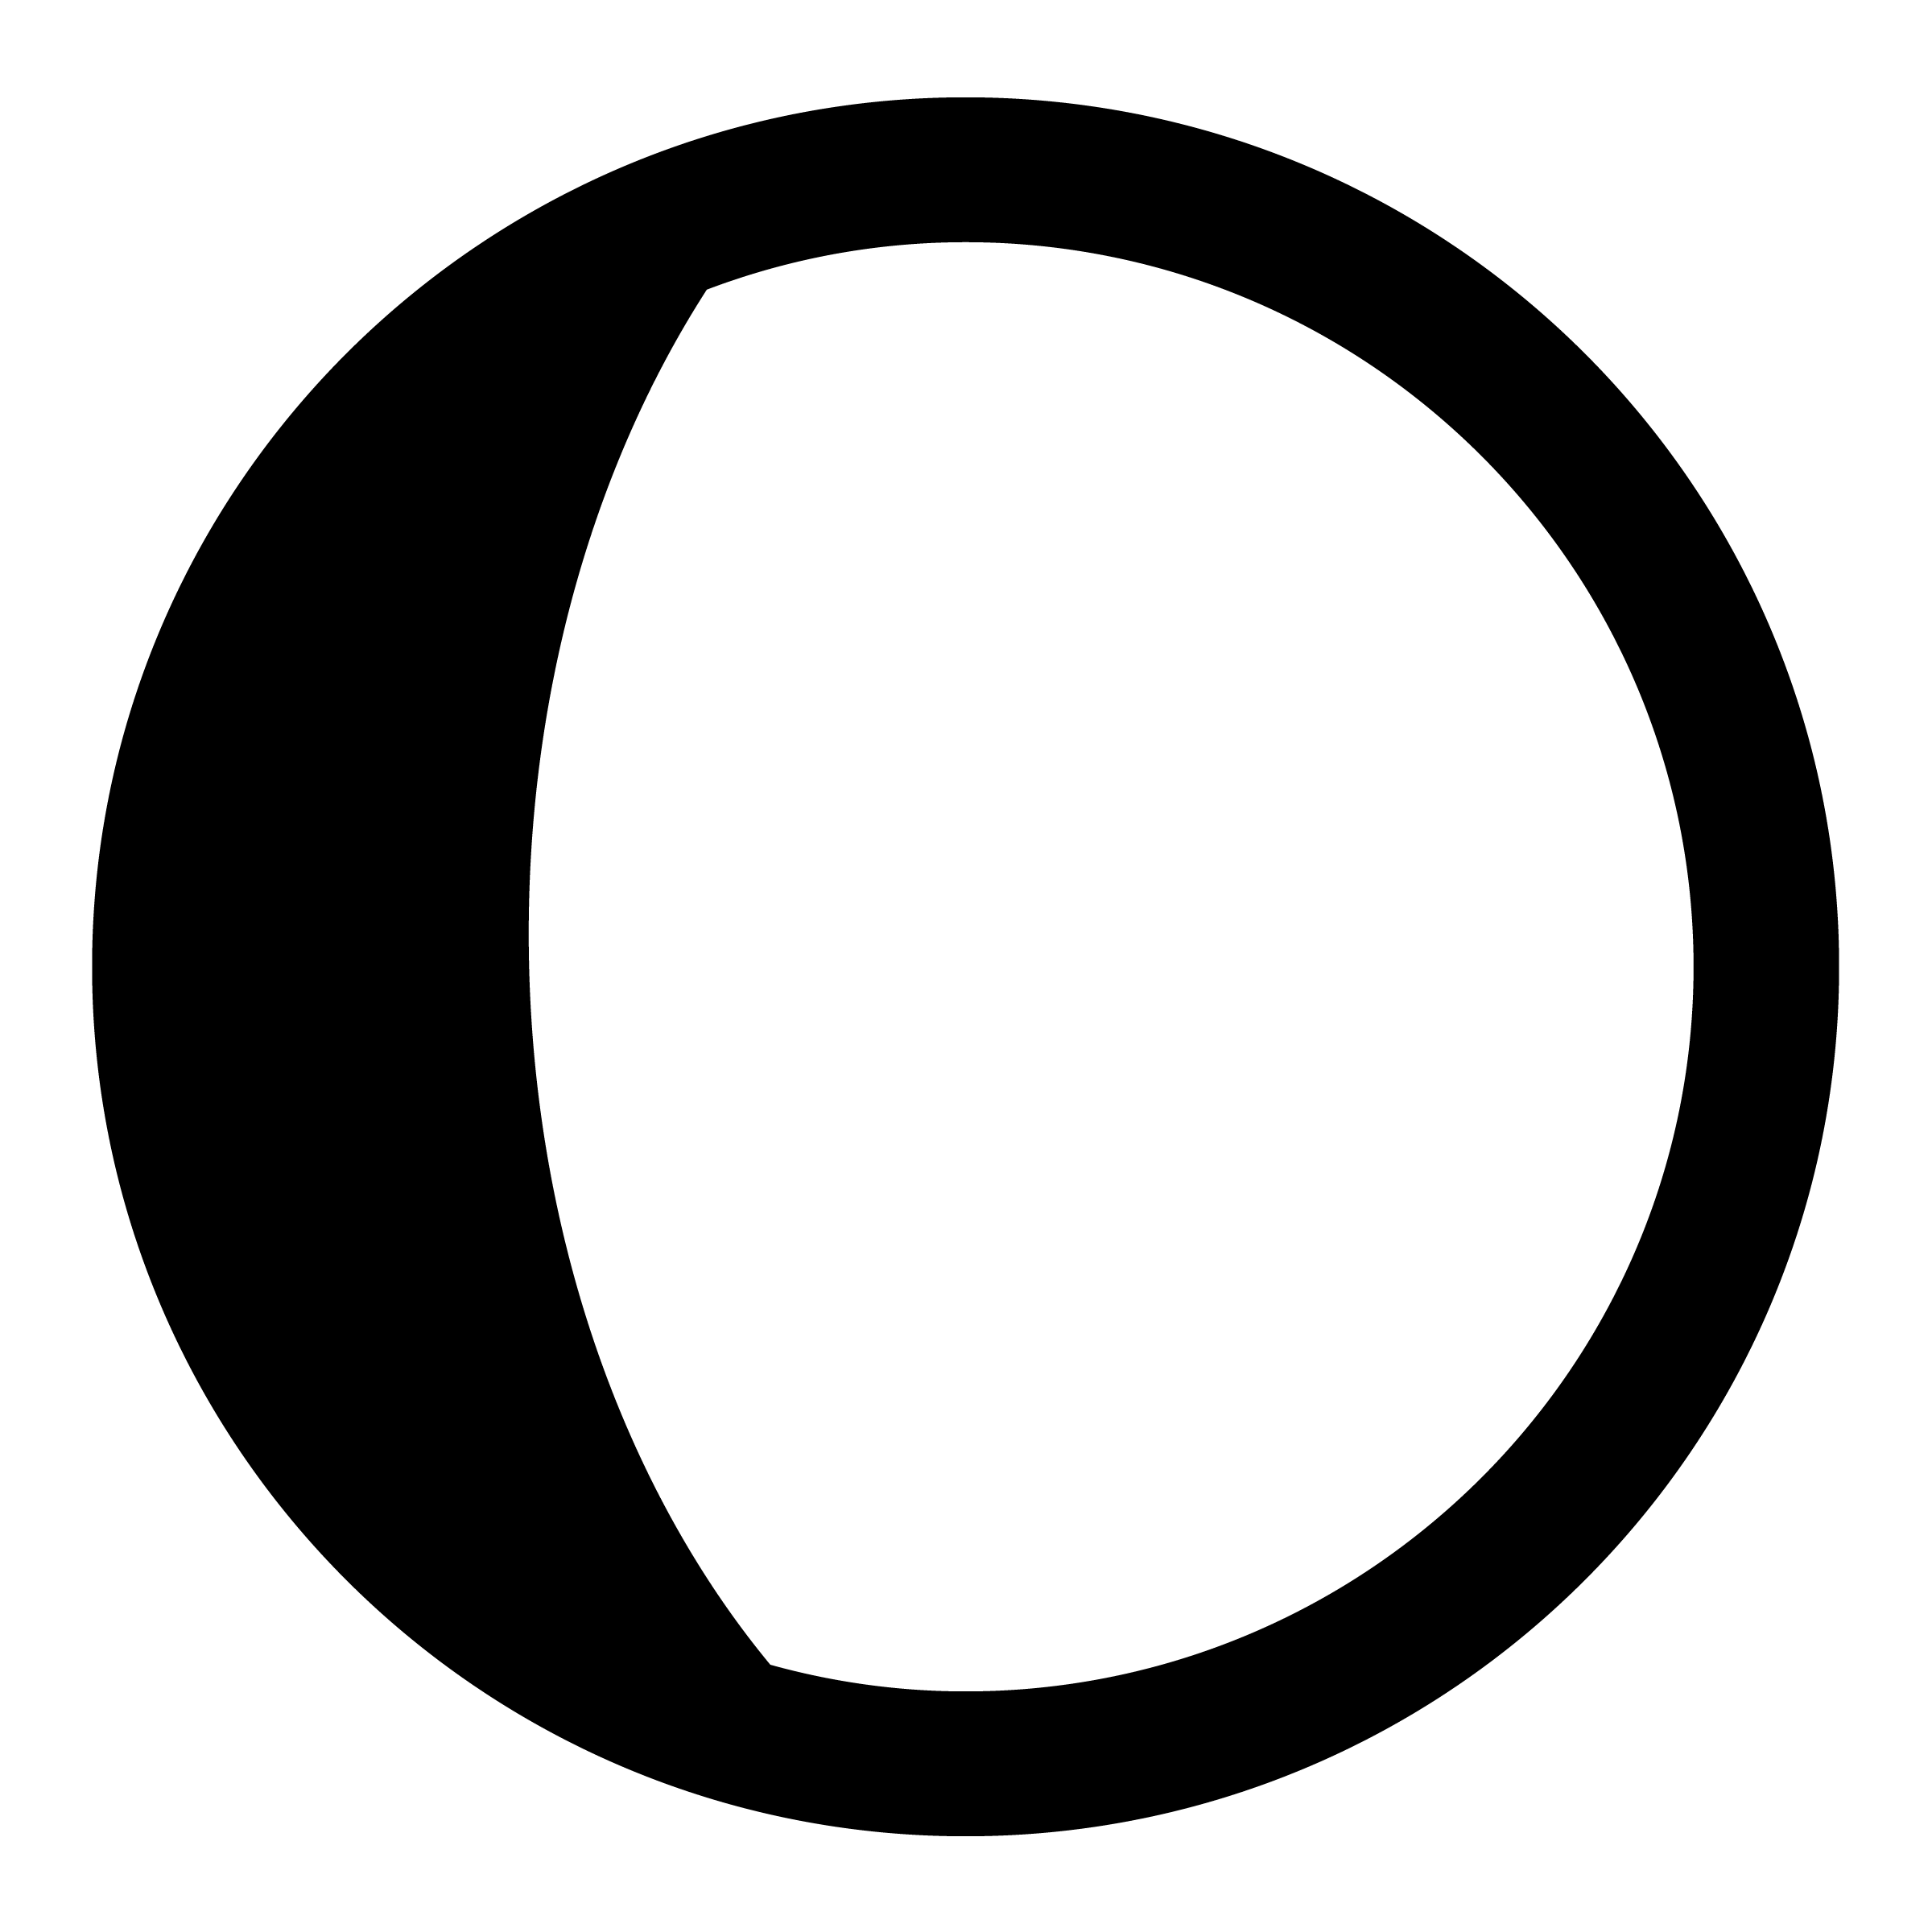 Fase lunare: Luna gibbosa calante